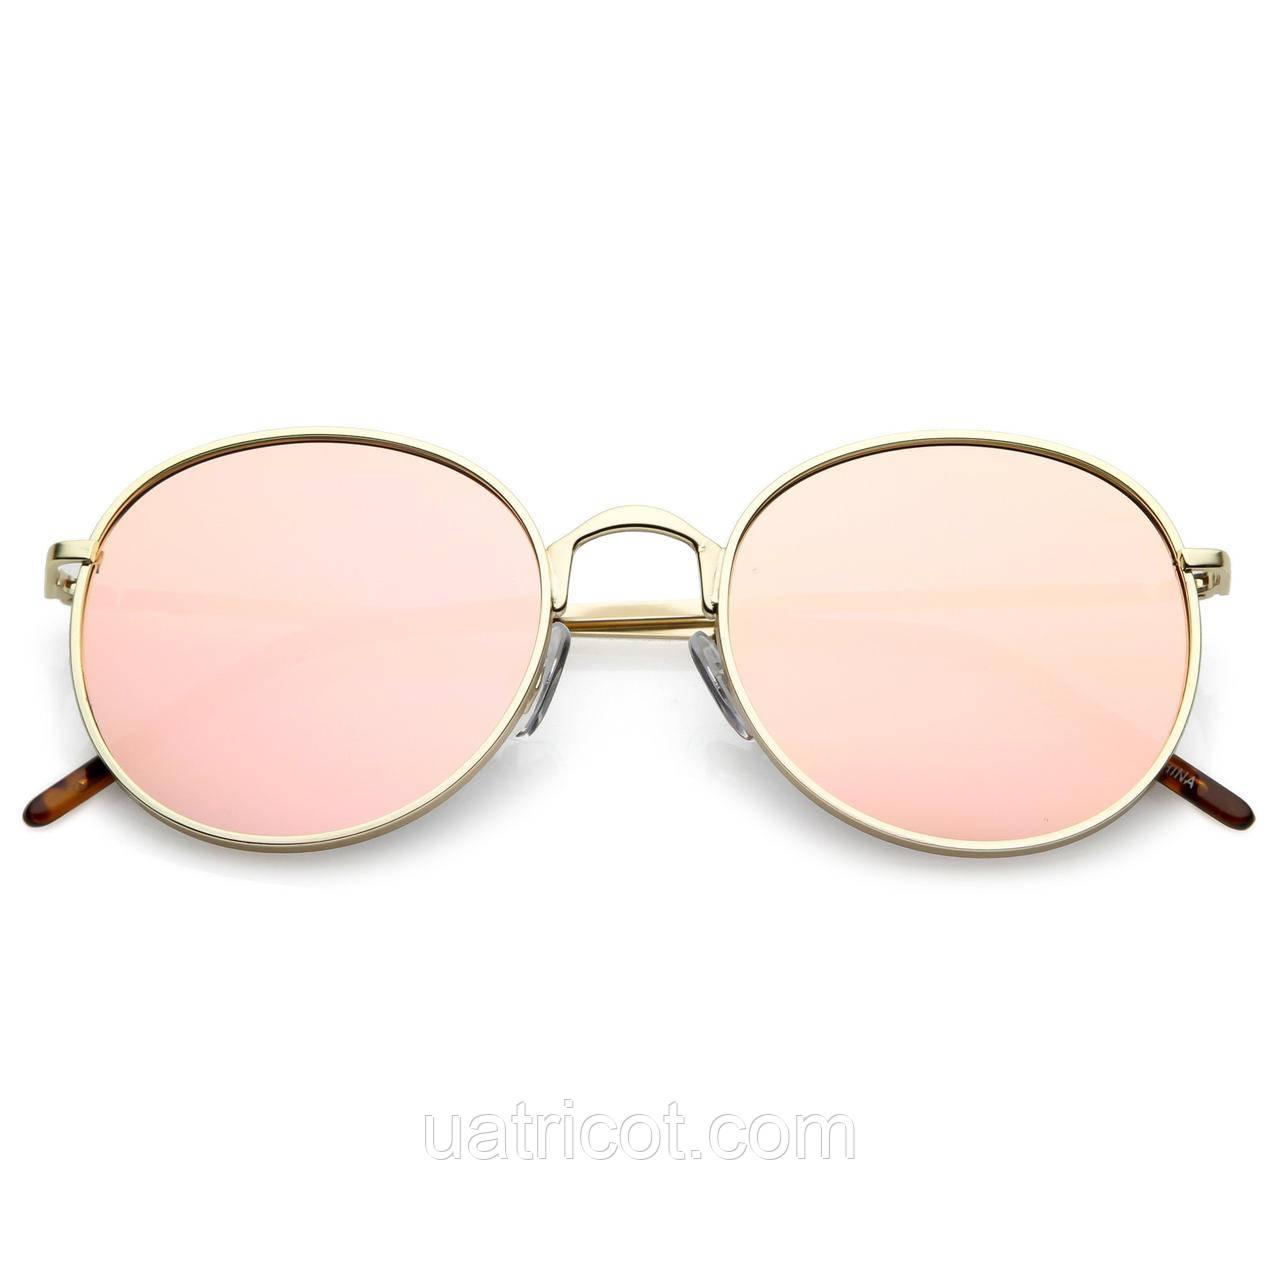 Женские круглые солнцезащитные очки Retro с розовой зеркальной линзой -  Интернет-магазин